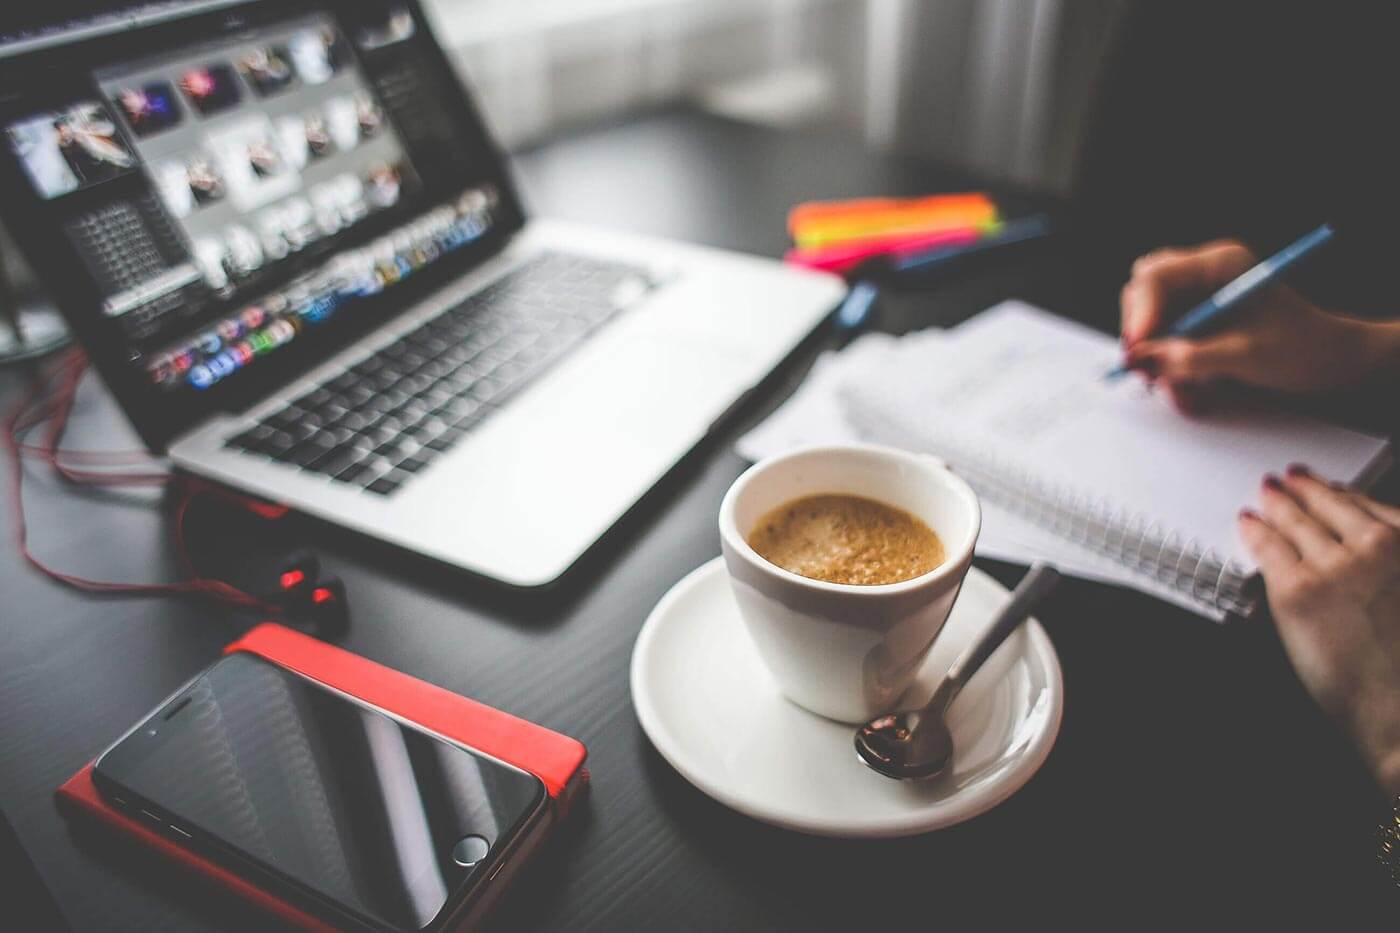 Agencia de marketing digital en bogota Diseño Web: Tips para obtener mayor conversión en tu sitio web